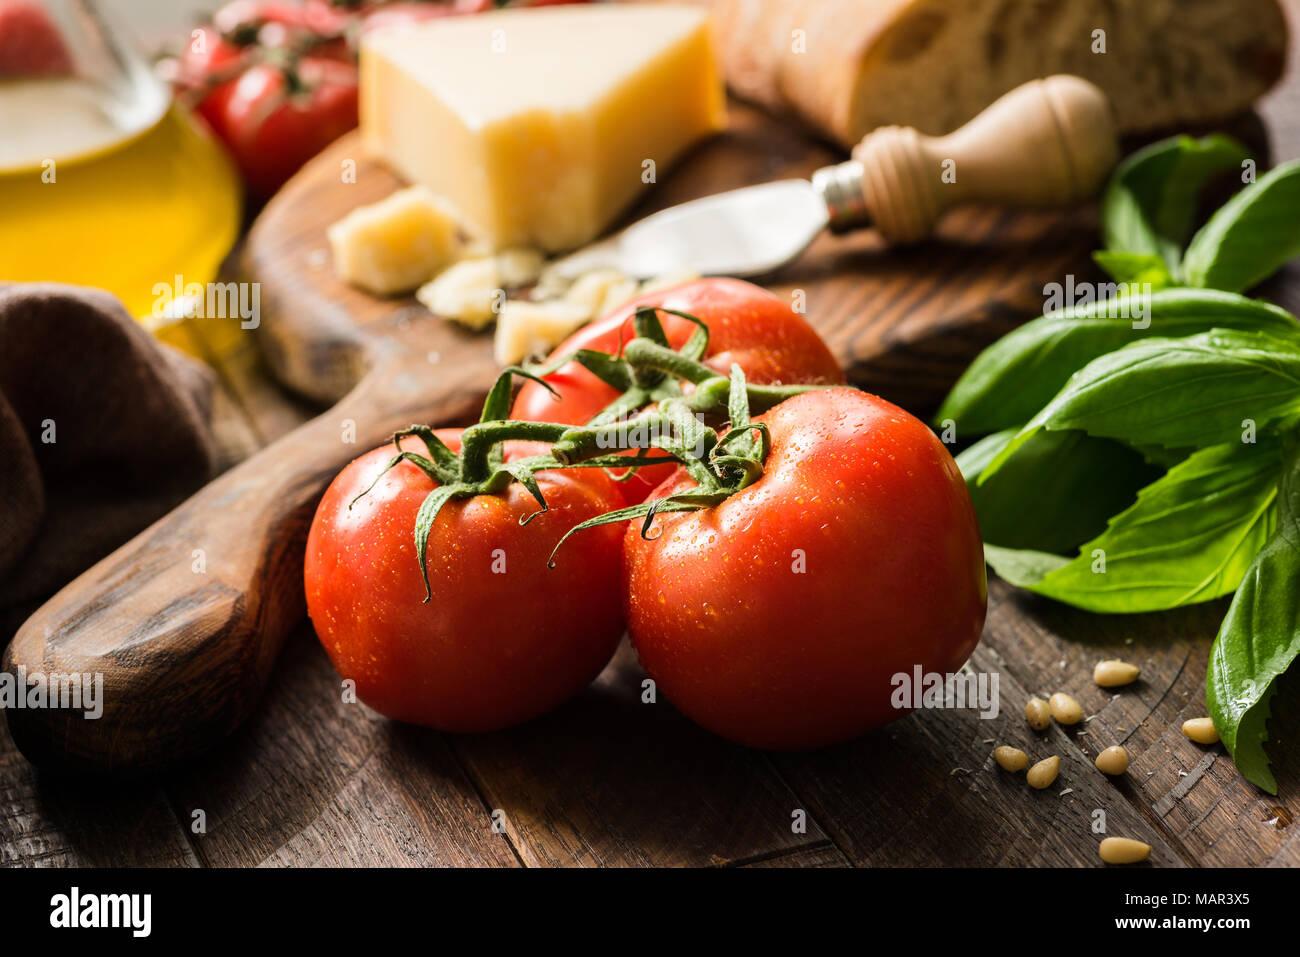 Tomates sur vigne, l'huile d'olive et parmesan. Arrière-plan de l'alimentation italienne ou still life Photo Stock